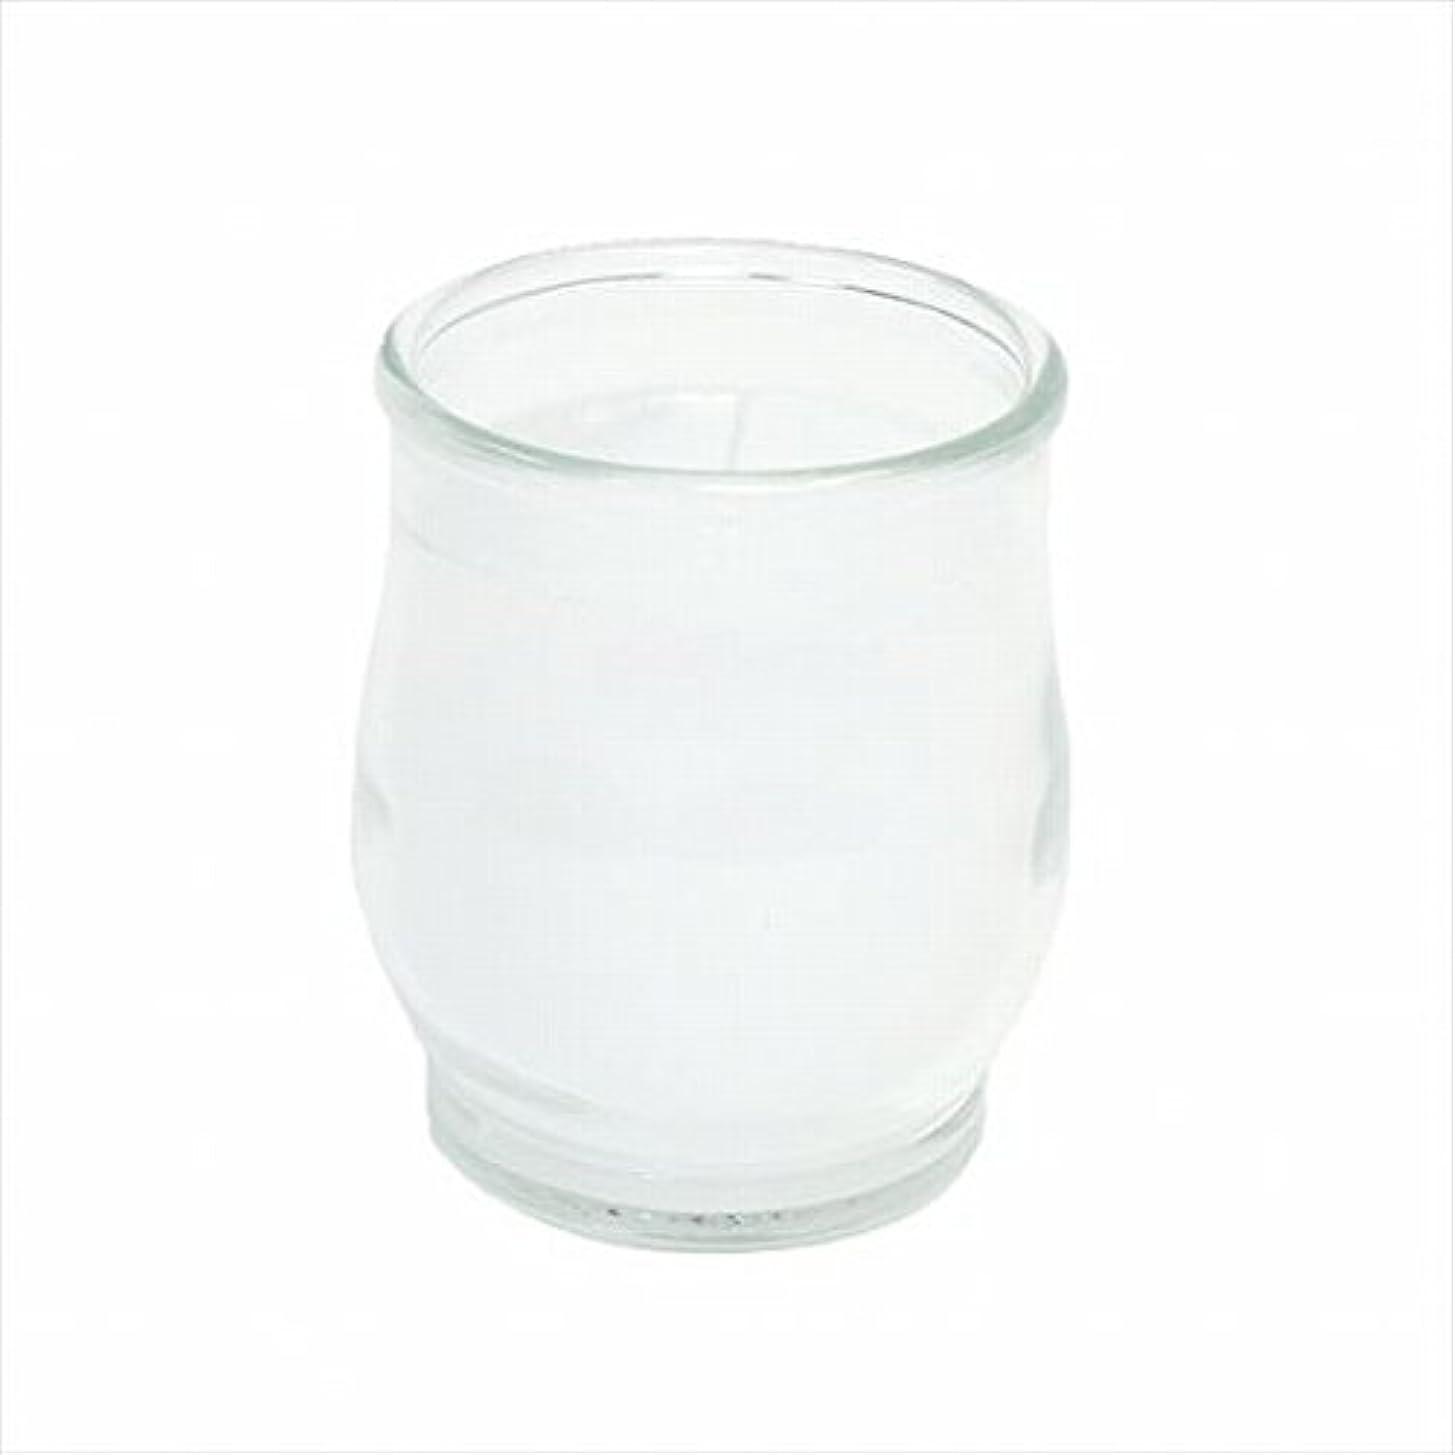 年ルアー維持カメヤマキャンドル(kameyama candle) ポシェ(非常用コップローソク) 「 クリア 」